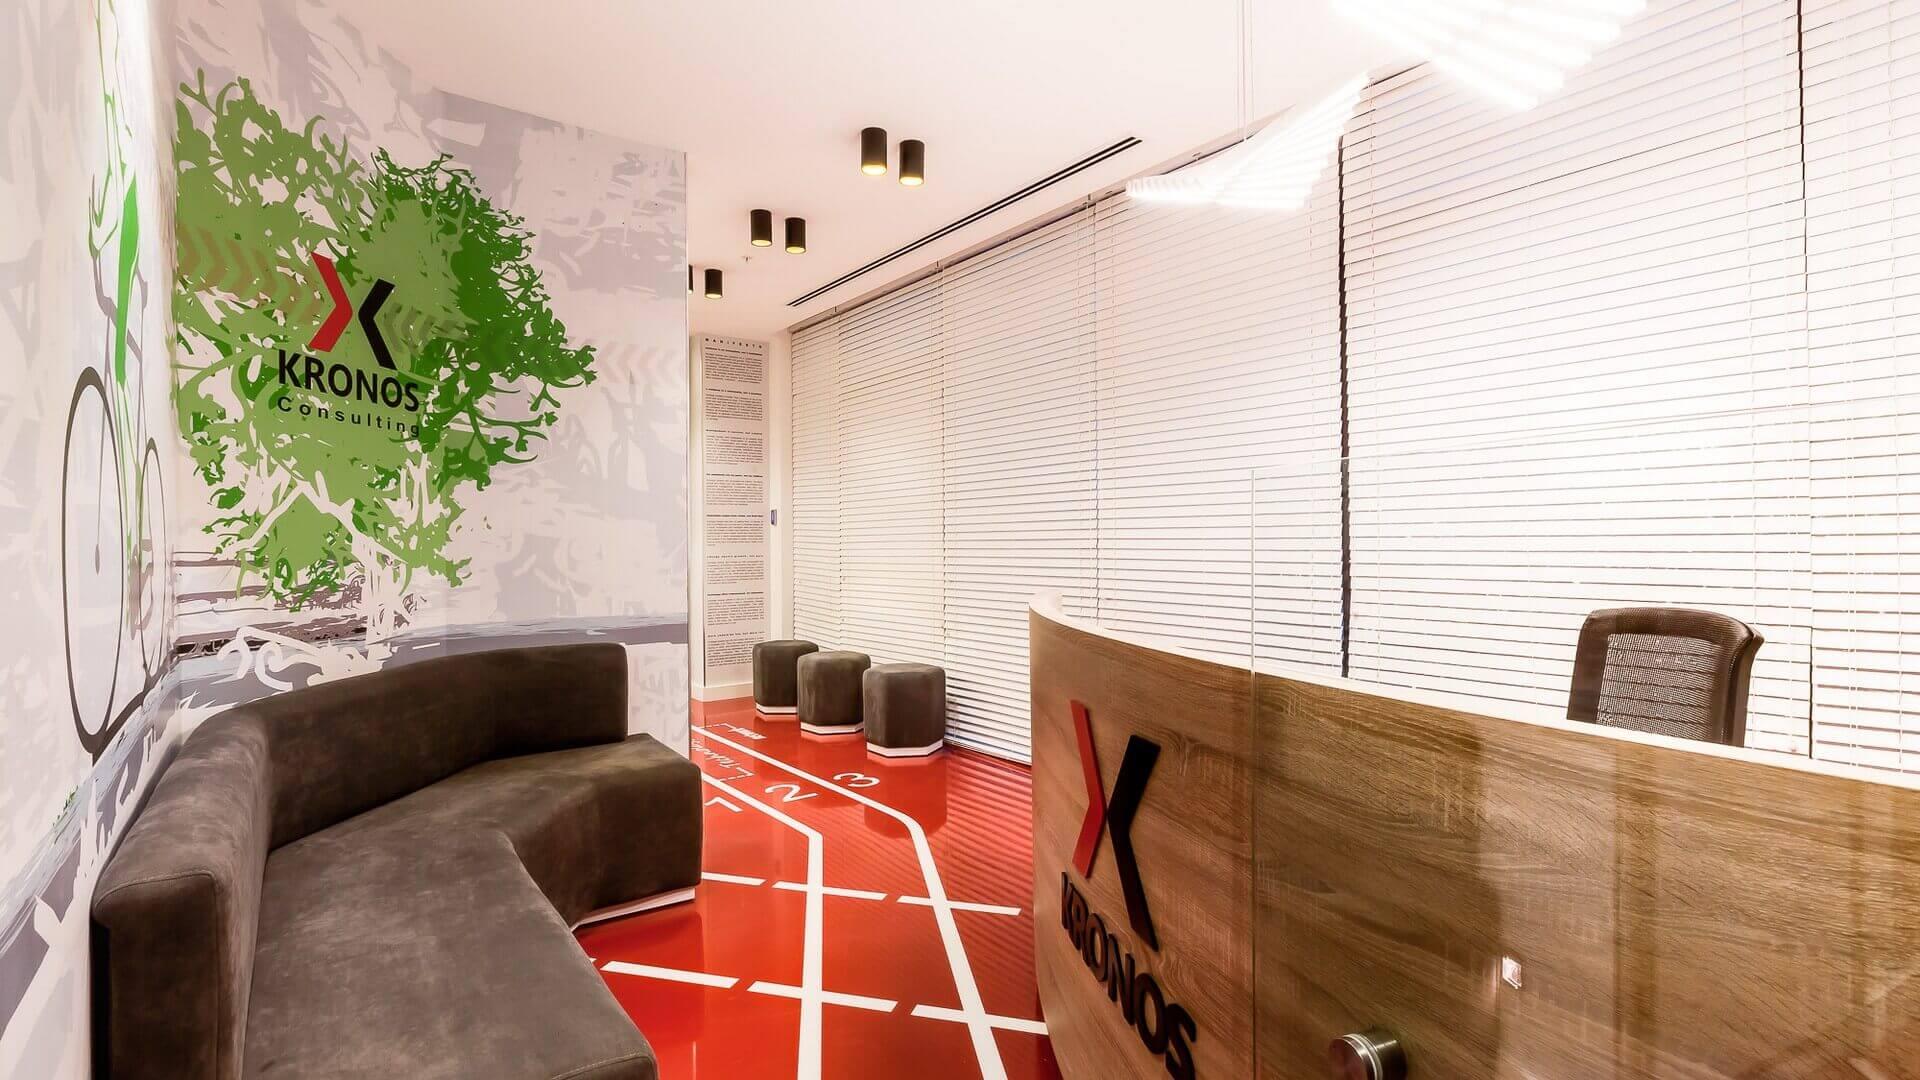 içmimar 2200 Kronos Bilişim Ofisler